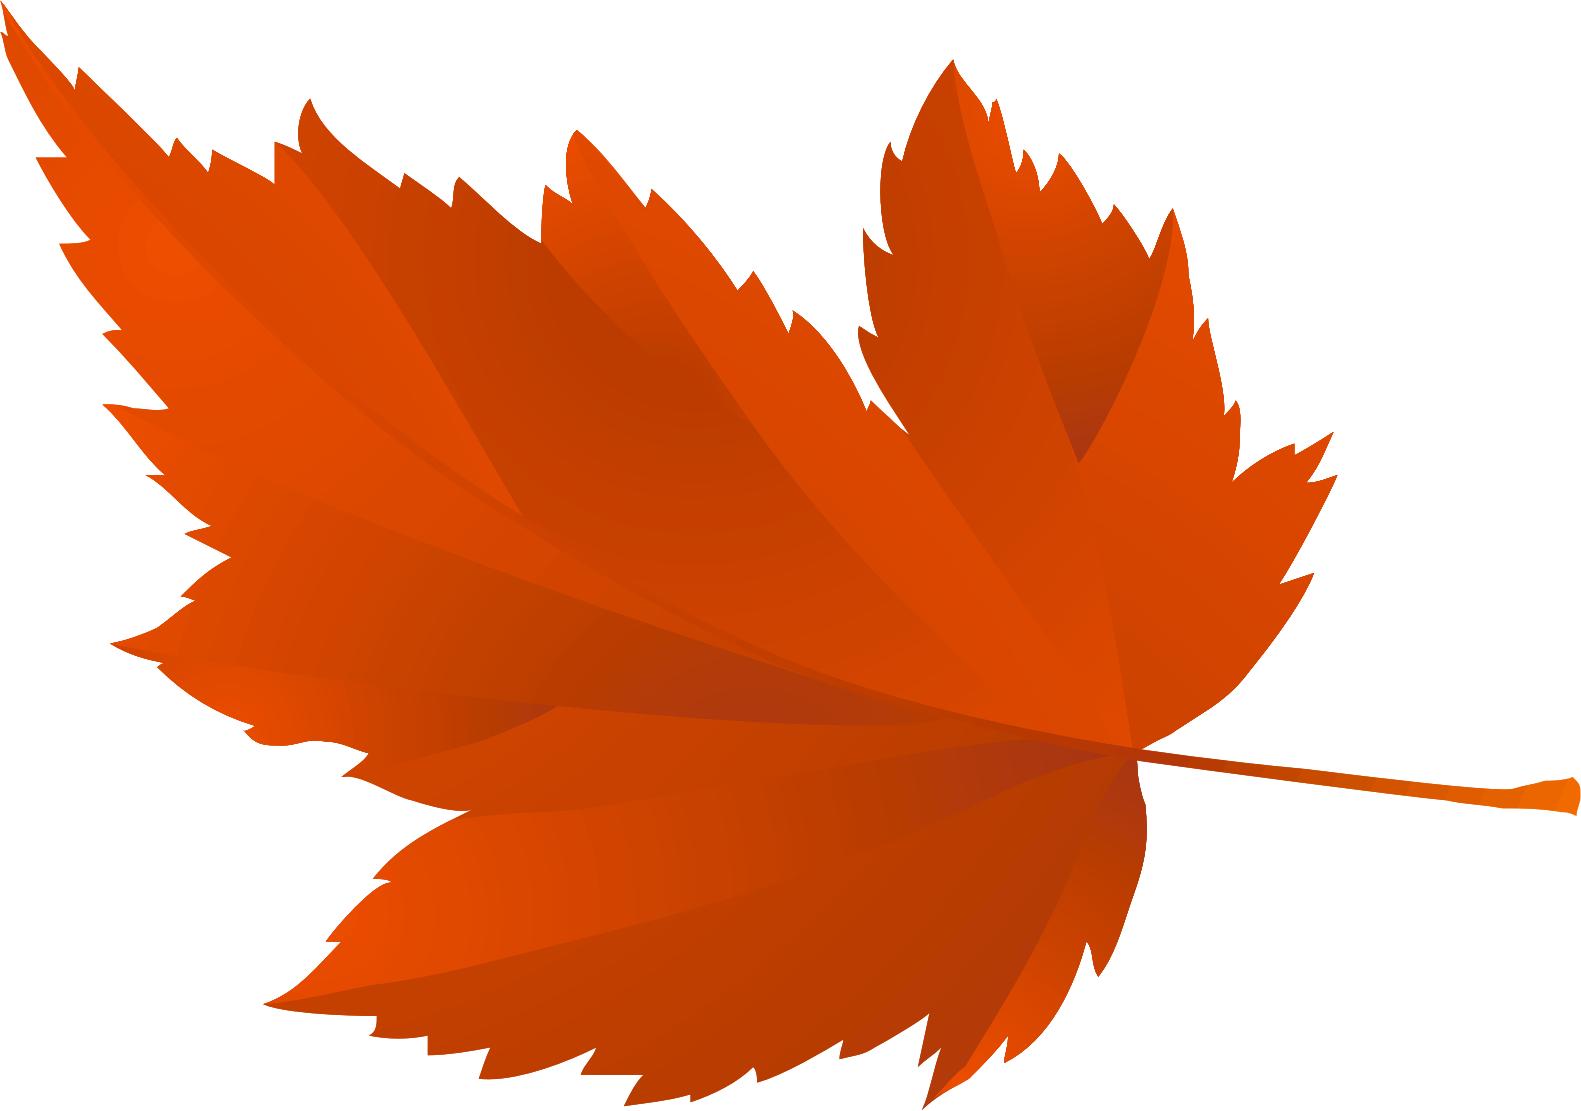 листок осенний картинки